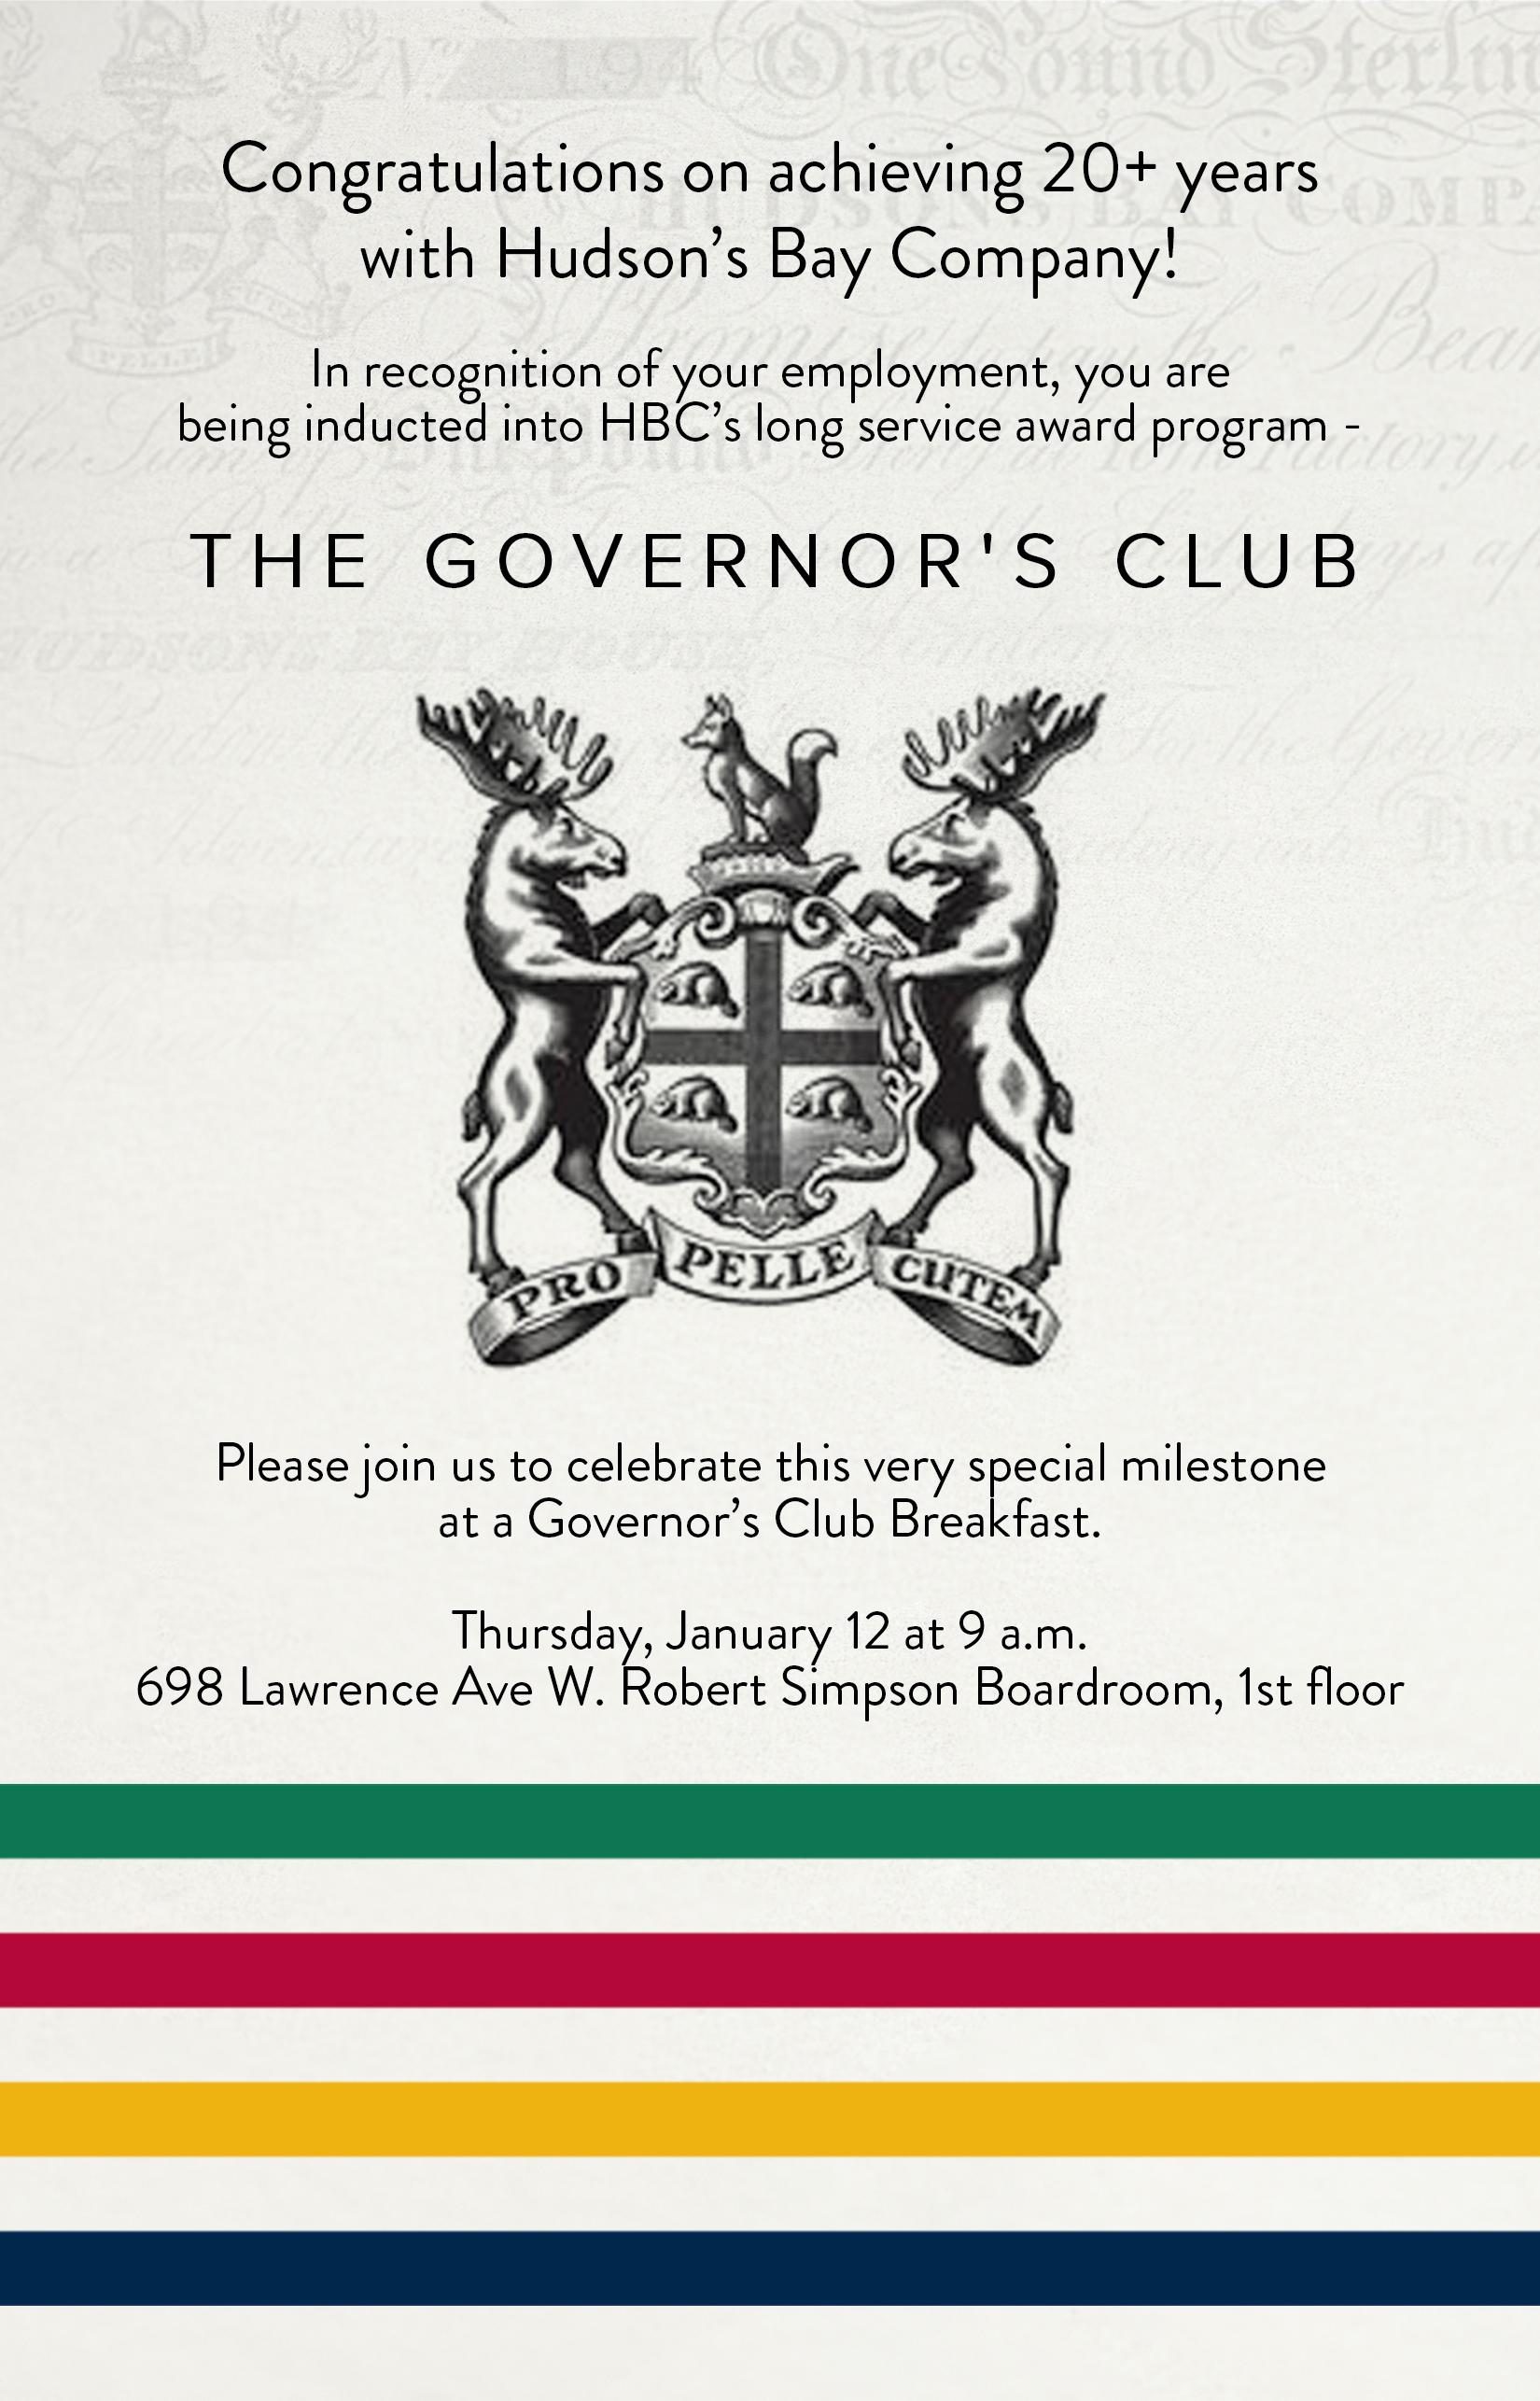 HBC invitation